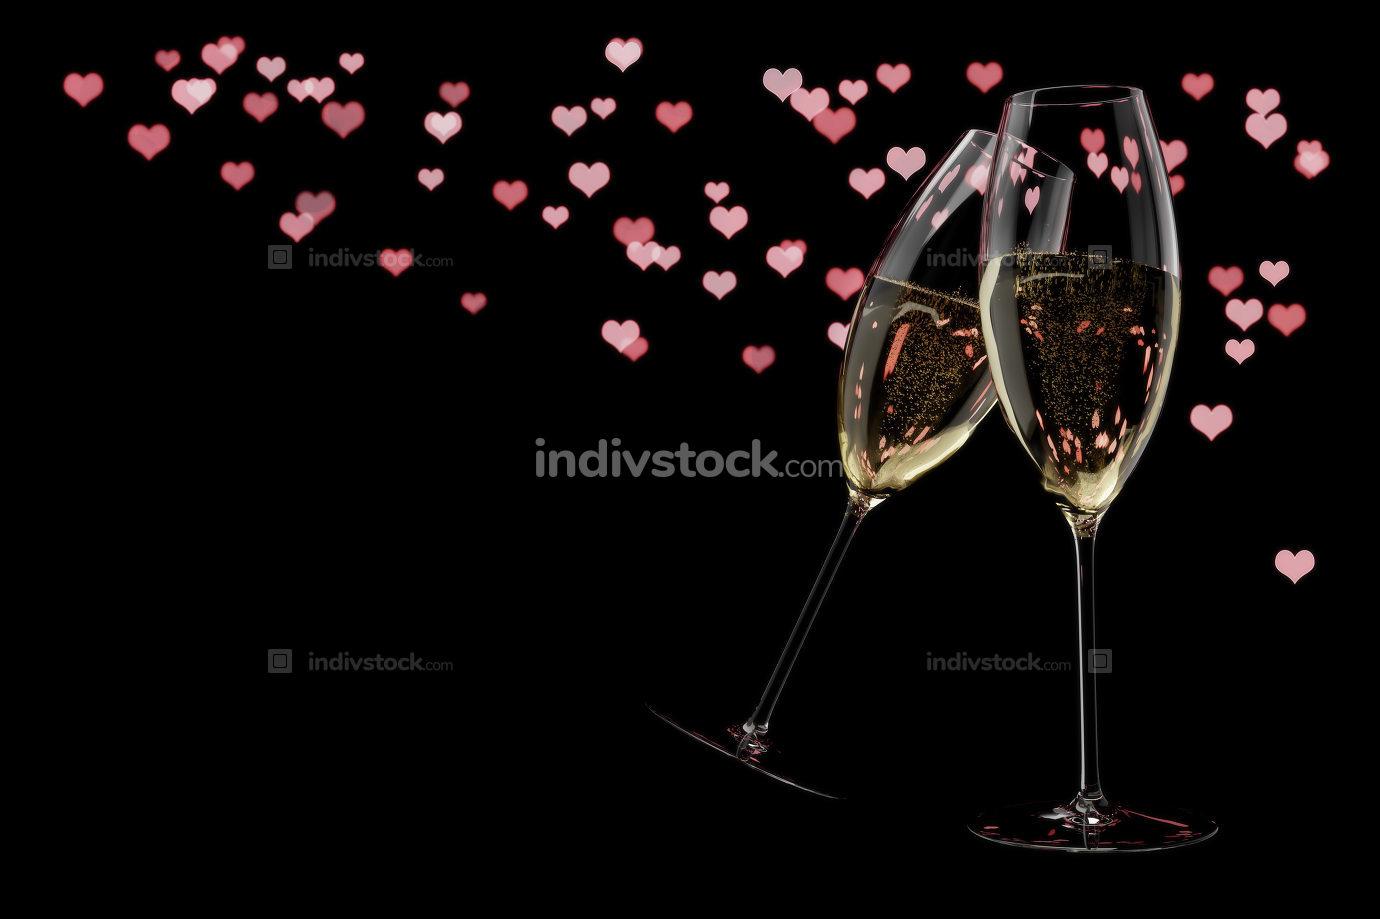 champagne glasses Valentine